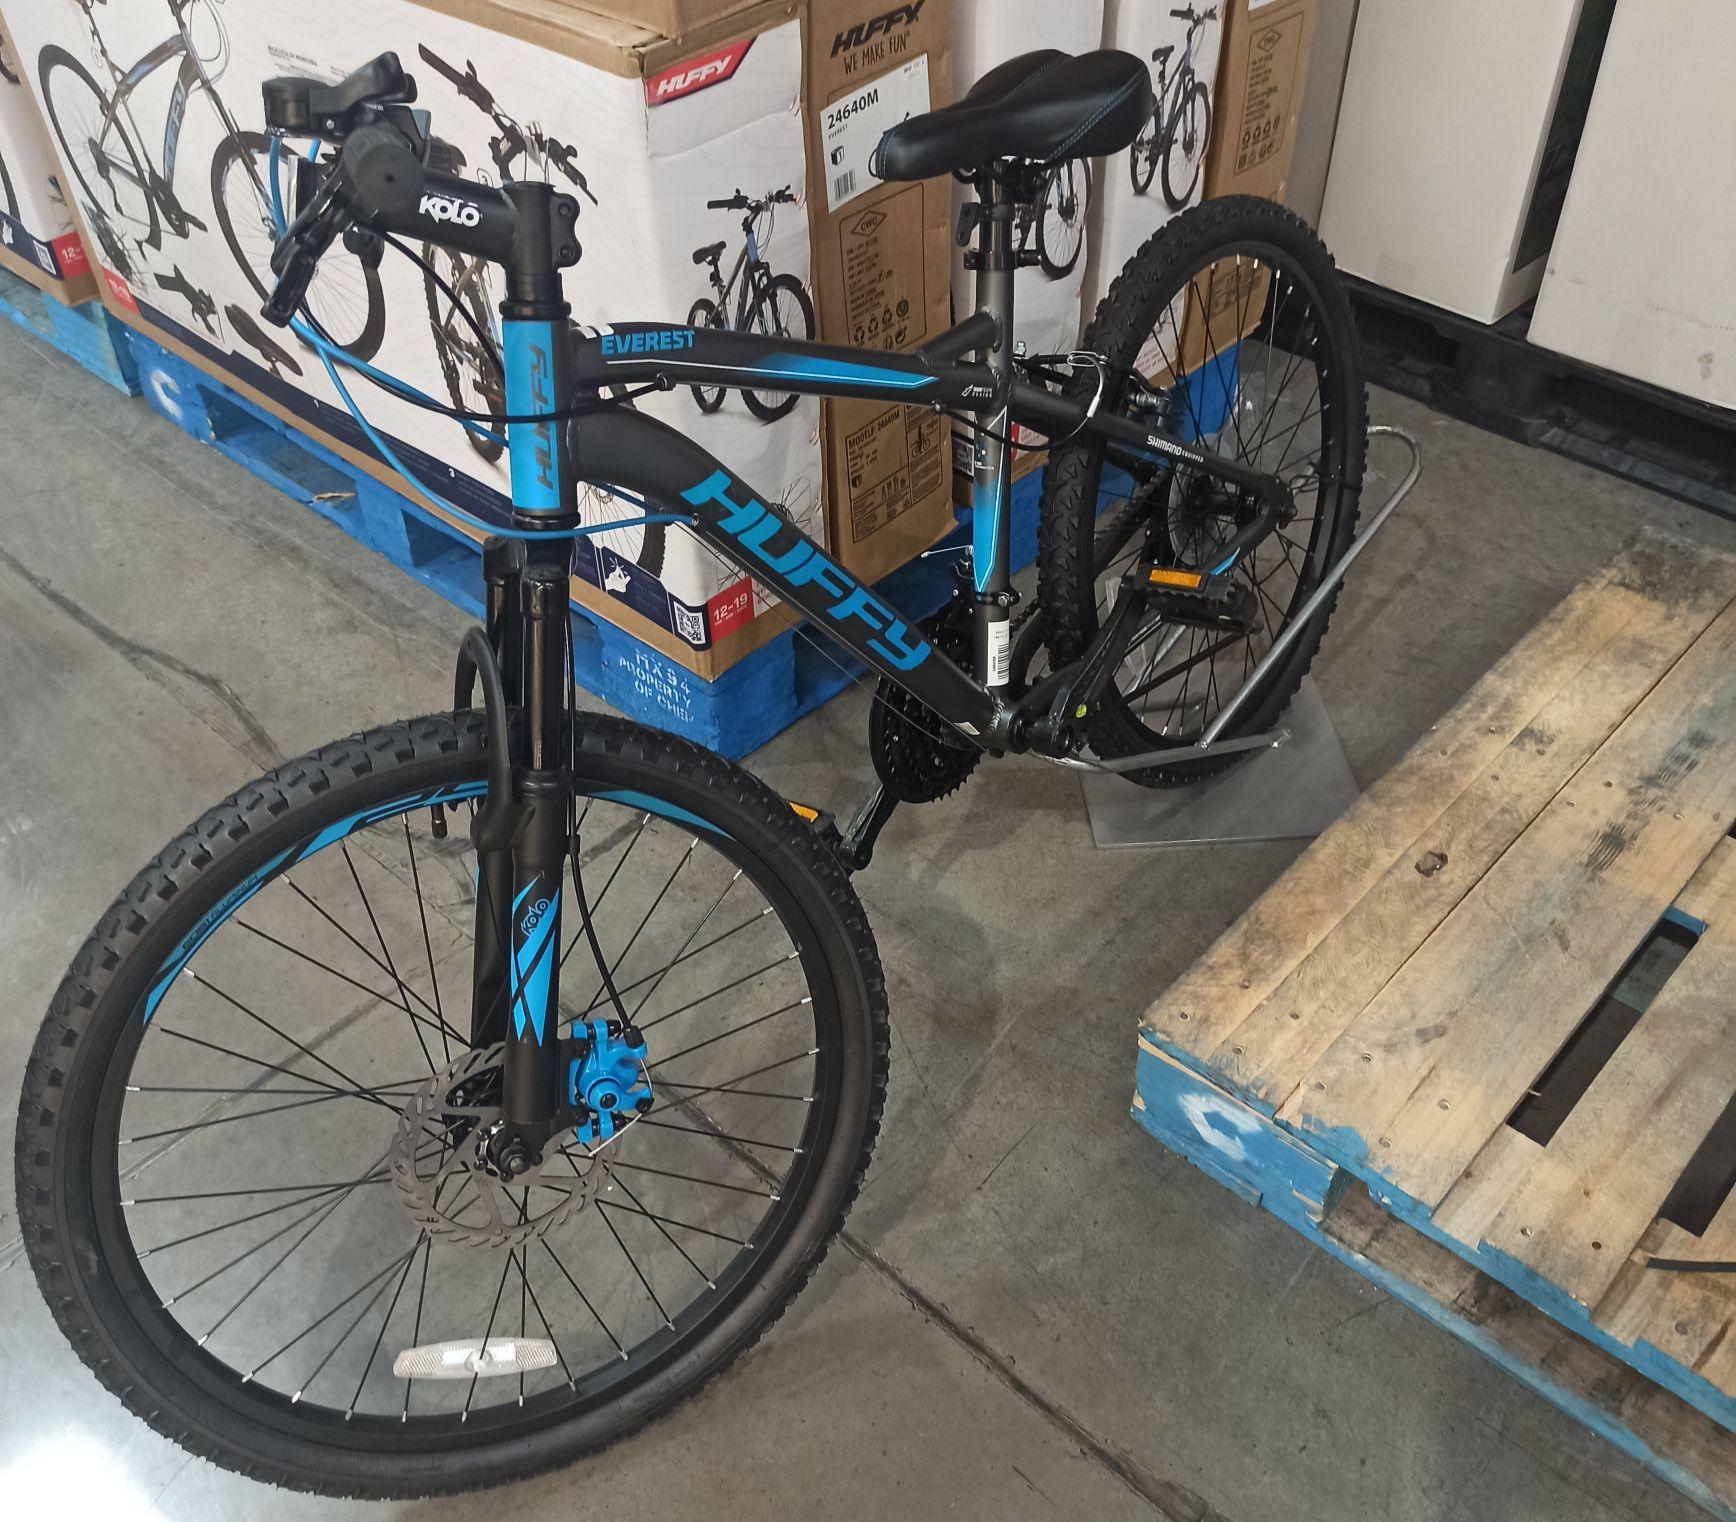 Costco El Palomar Guadalajara Bicicleta de Montaña R24 Huffy Everest precio en sitio de Costco $3599